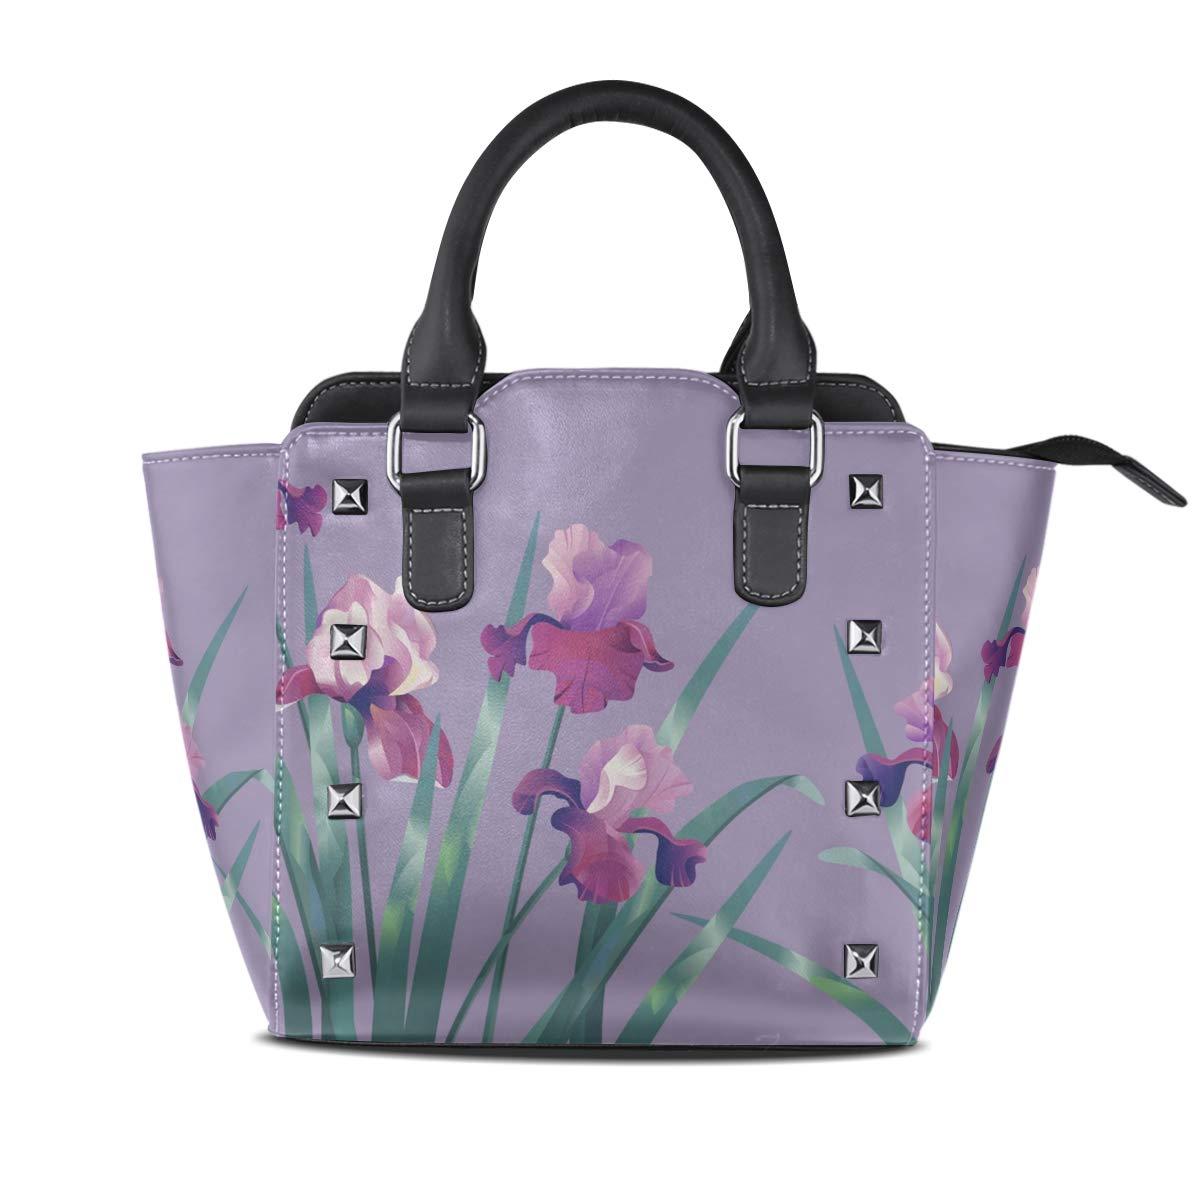 Design1 Handbag FleurDeLis Genuine Leather Tote Rivet Bag Shoulder Strap Top Handle Women